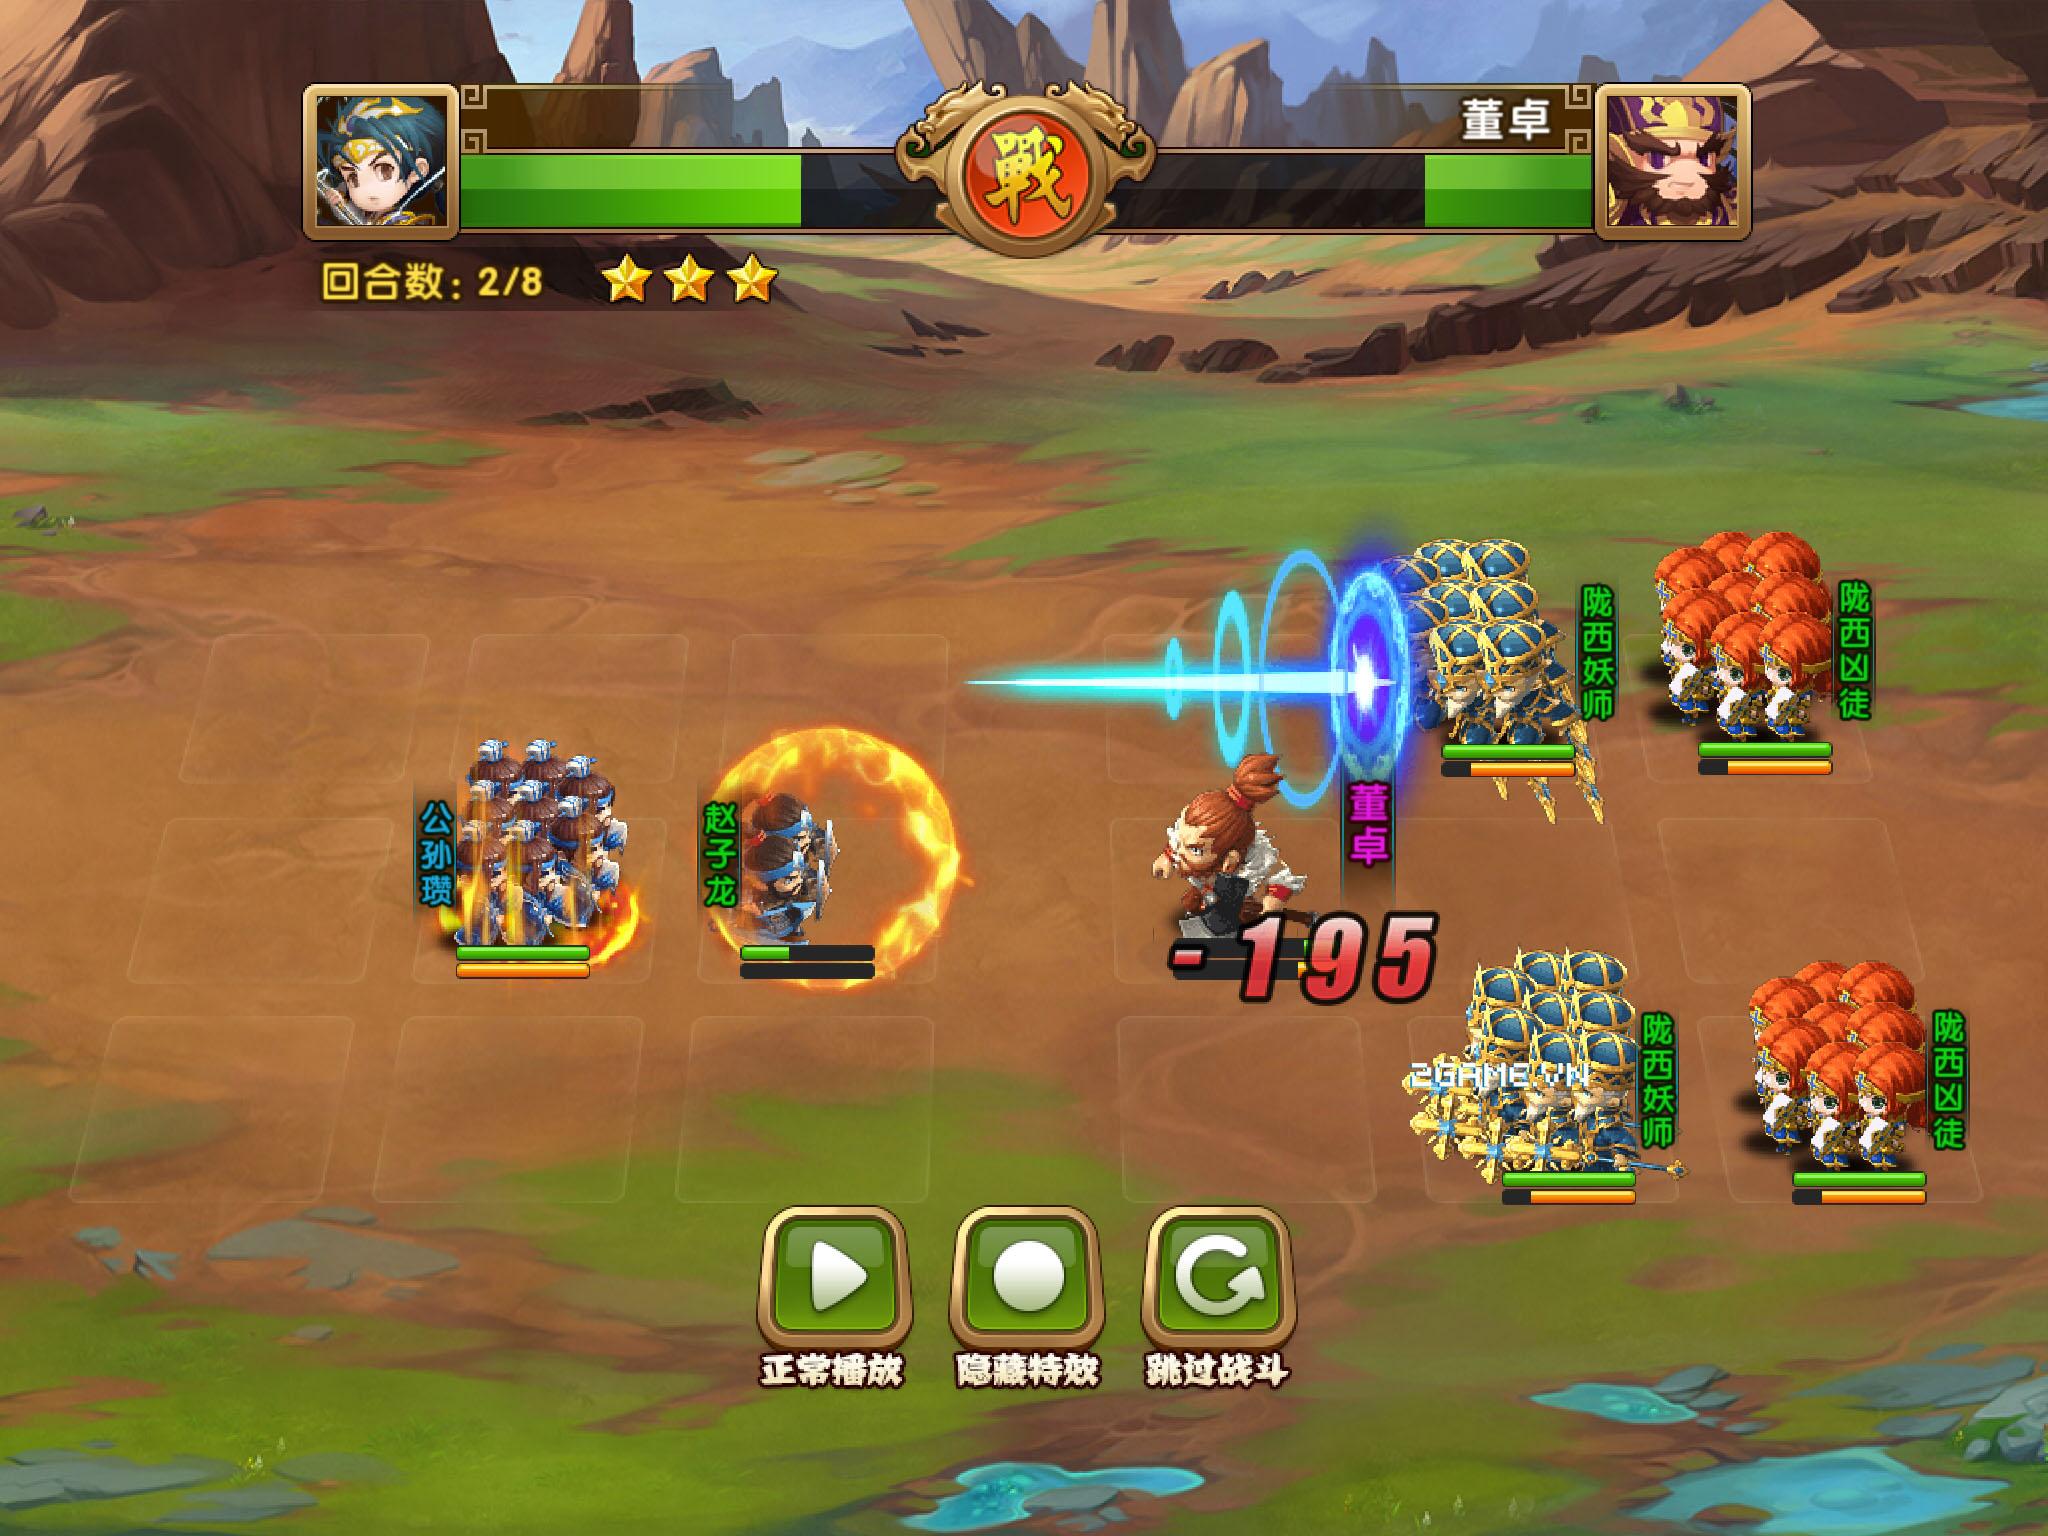 Ngọc Rồng Tam Quốc - Khi sử 3Q kết hợp cùng Dragon Ball 13